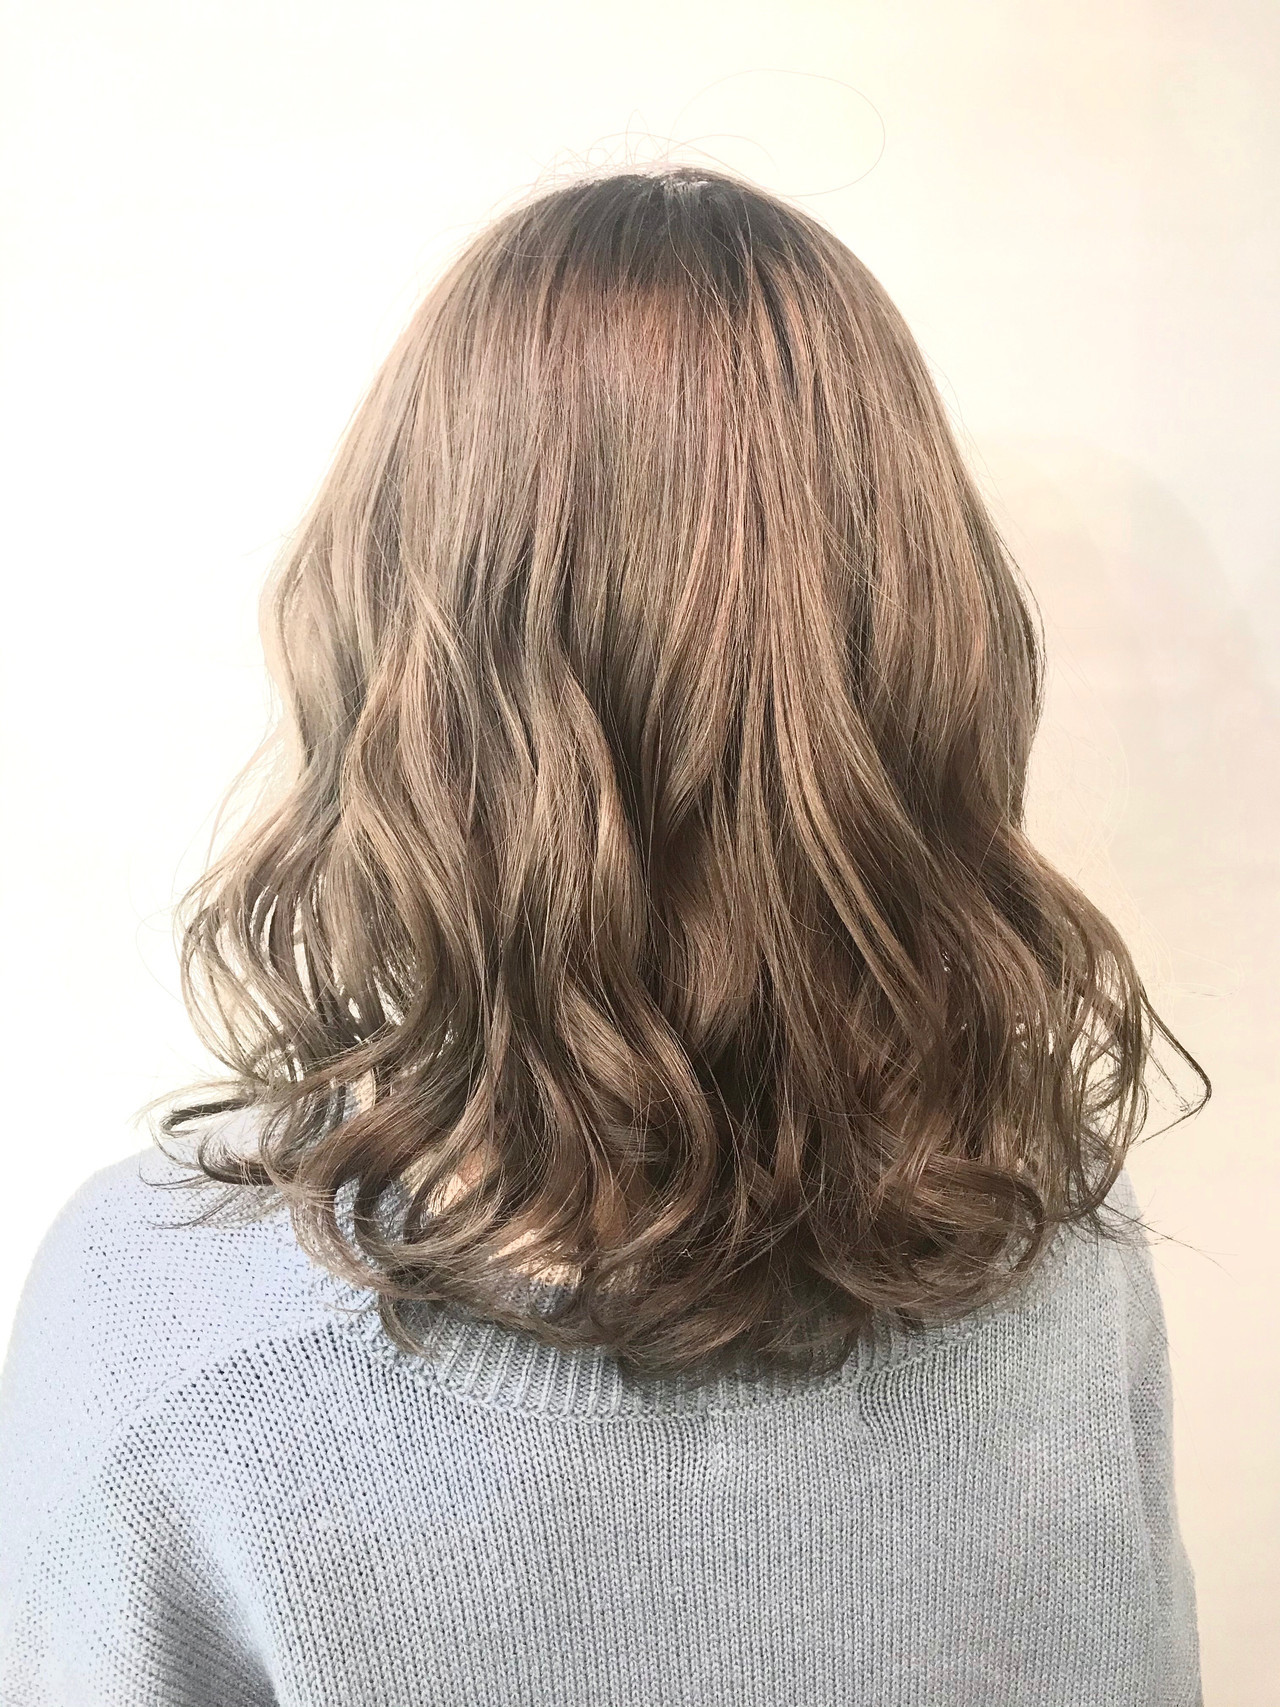 透明感カラー ボブ ミルクティーグレージュ スモーキーアッシュ ヘアスタイルや髪型の写真・画像